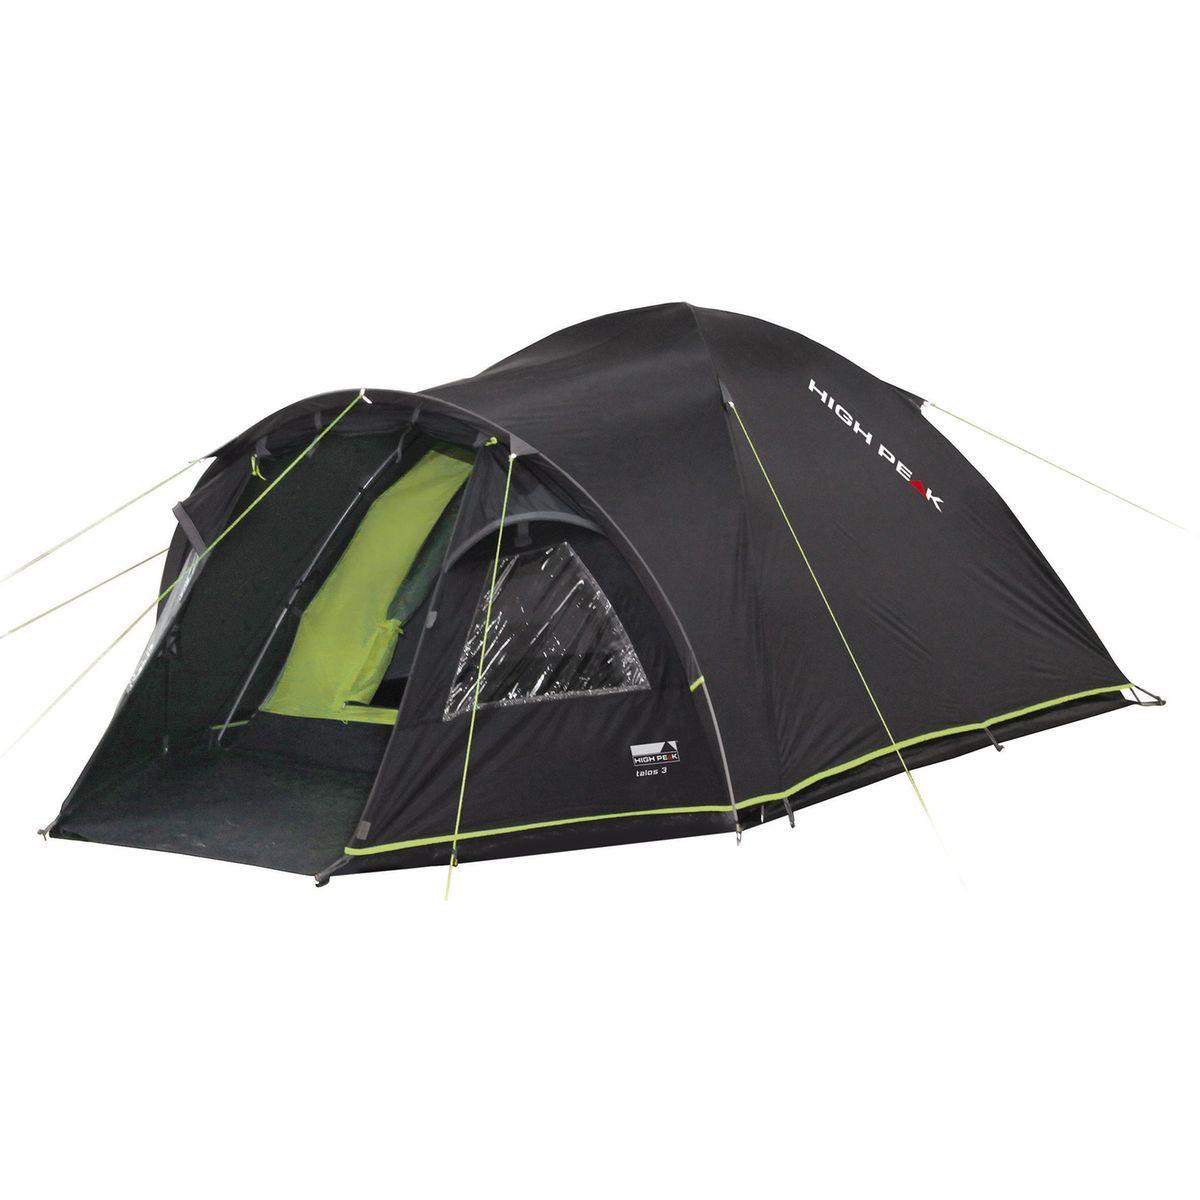 Talos 4 Tente Vert Noir Taille Taille Unique Tente Gonflable Tente Verte Tapis De Sol